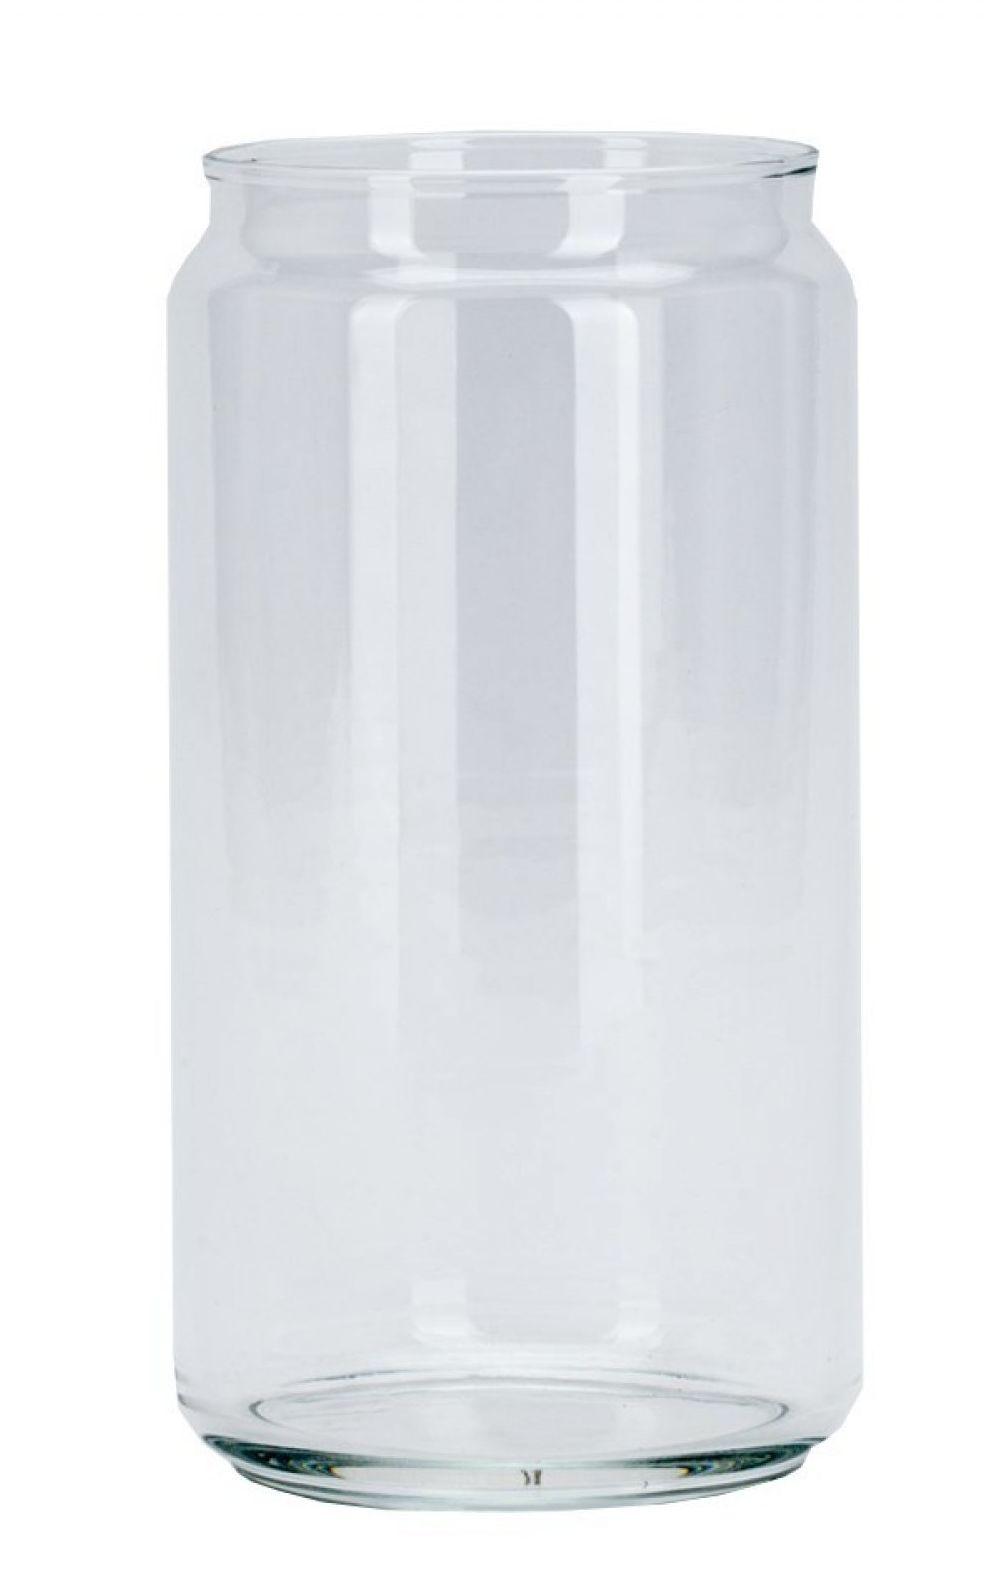 Alessi Reserve Glas Voor Voorraadpot AMDR06